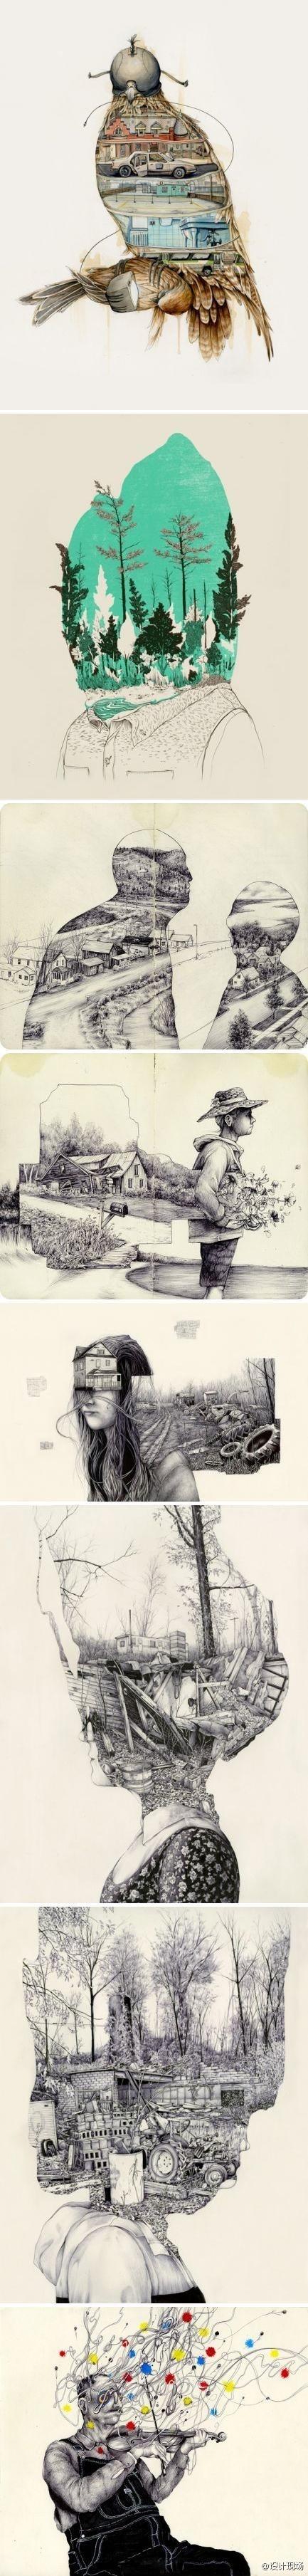 无尽的纸上世界,看插画师Pat Perry作品,仿佛可以直接走进艺术家的内心,一窥这充满诡异想法的内心世界。